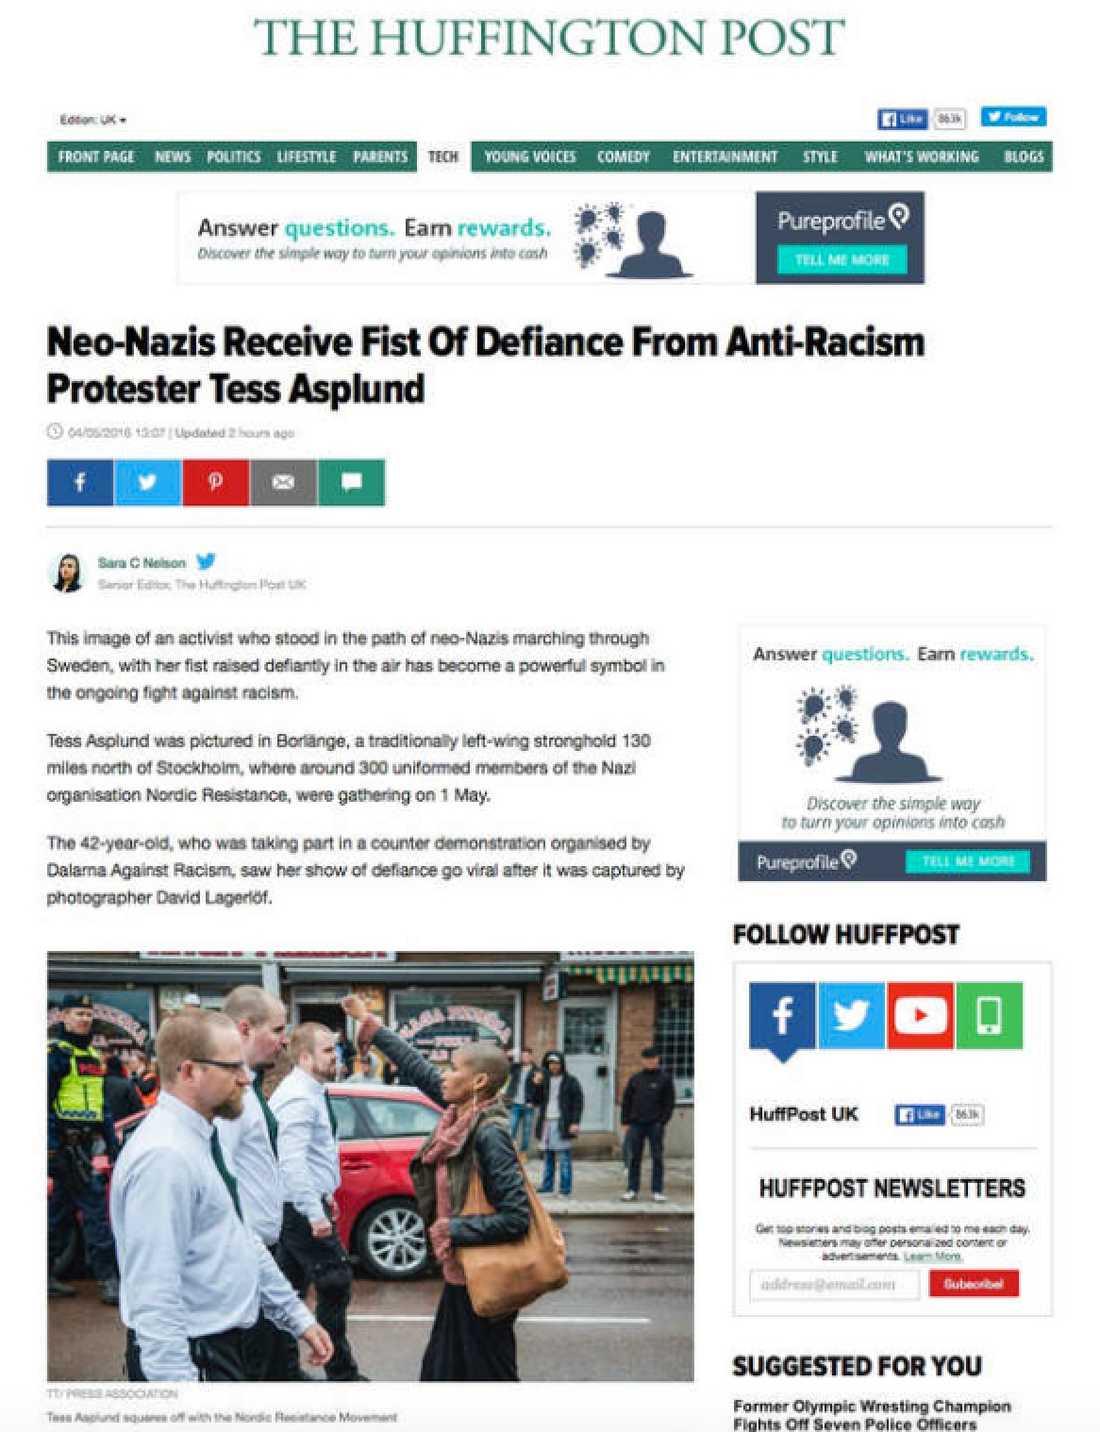 """Amerikanska Huffington Post: """"Nynazister får trotsig näve från antirasistiska Tess Asplund."""""""